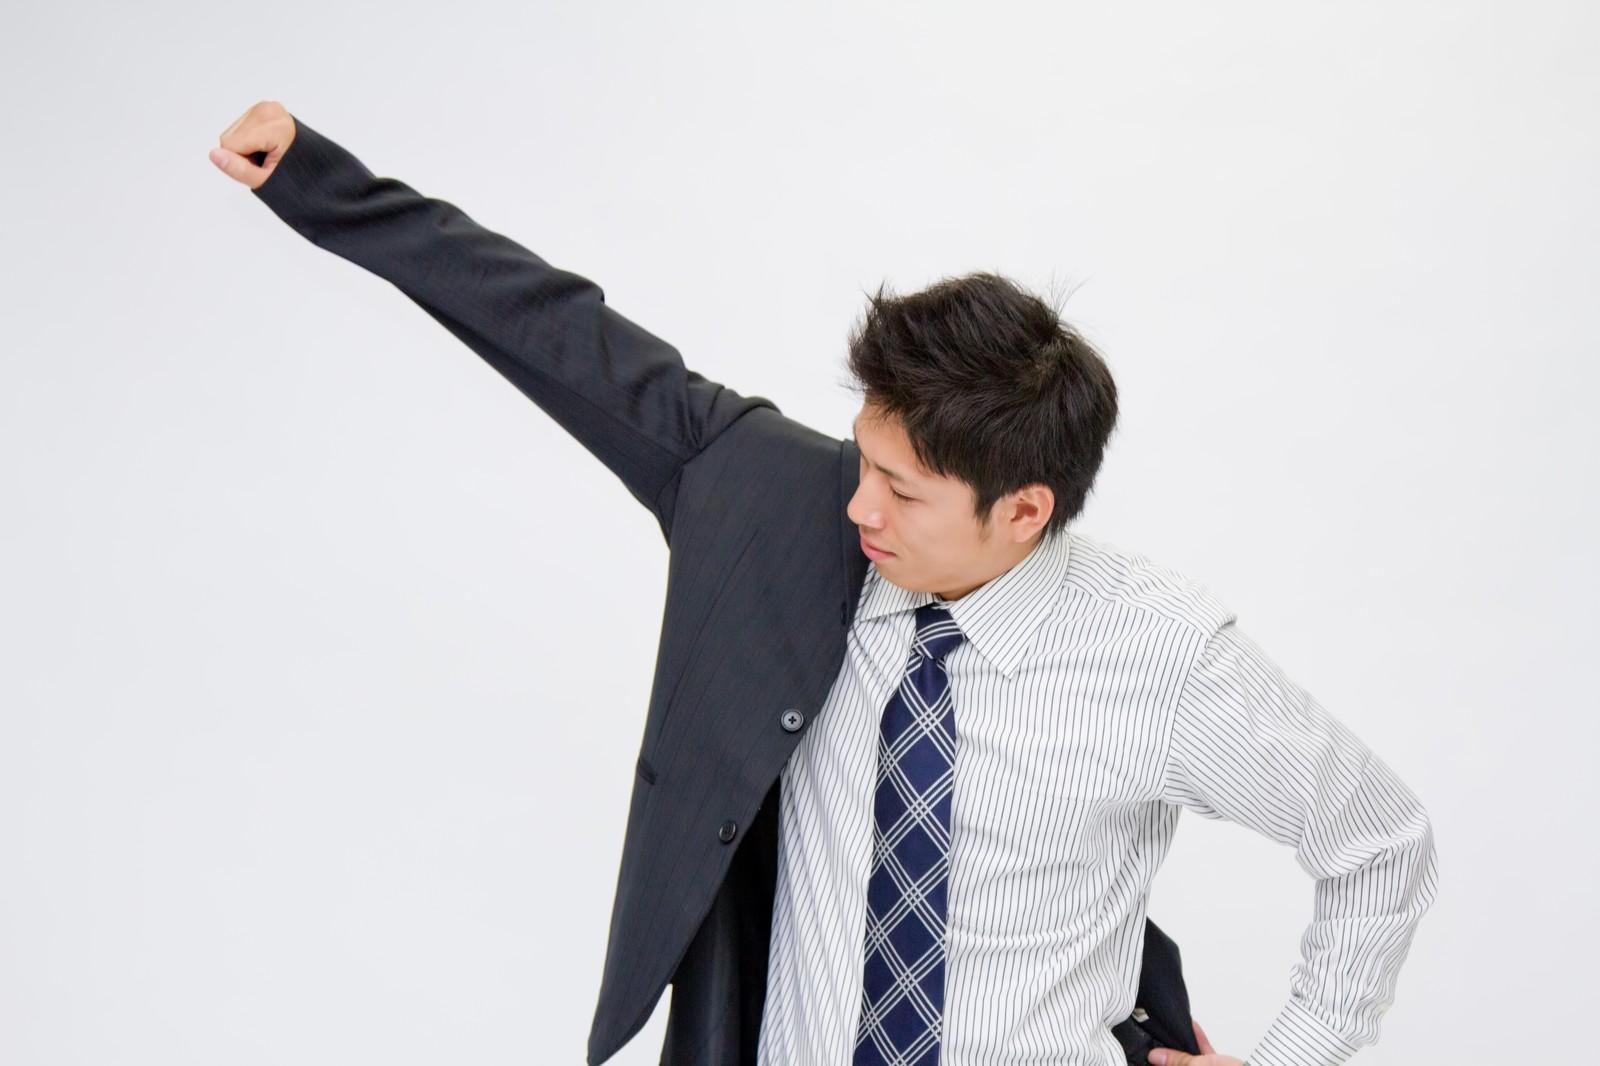 転職を決意した理由や瞬間、転職するか迷う理由